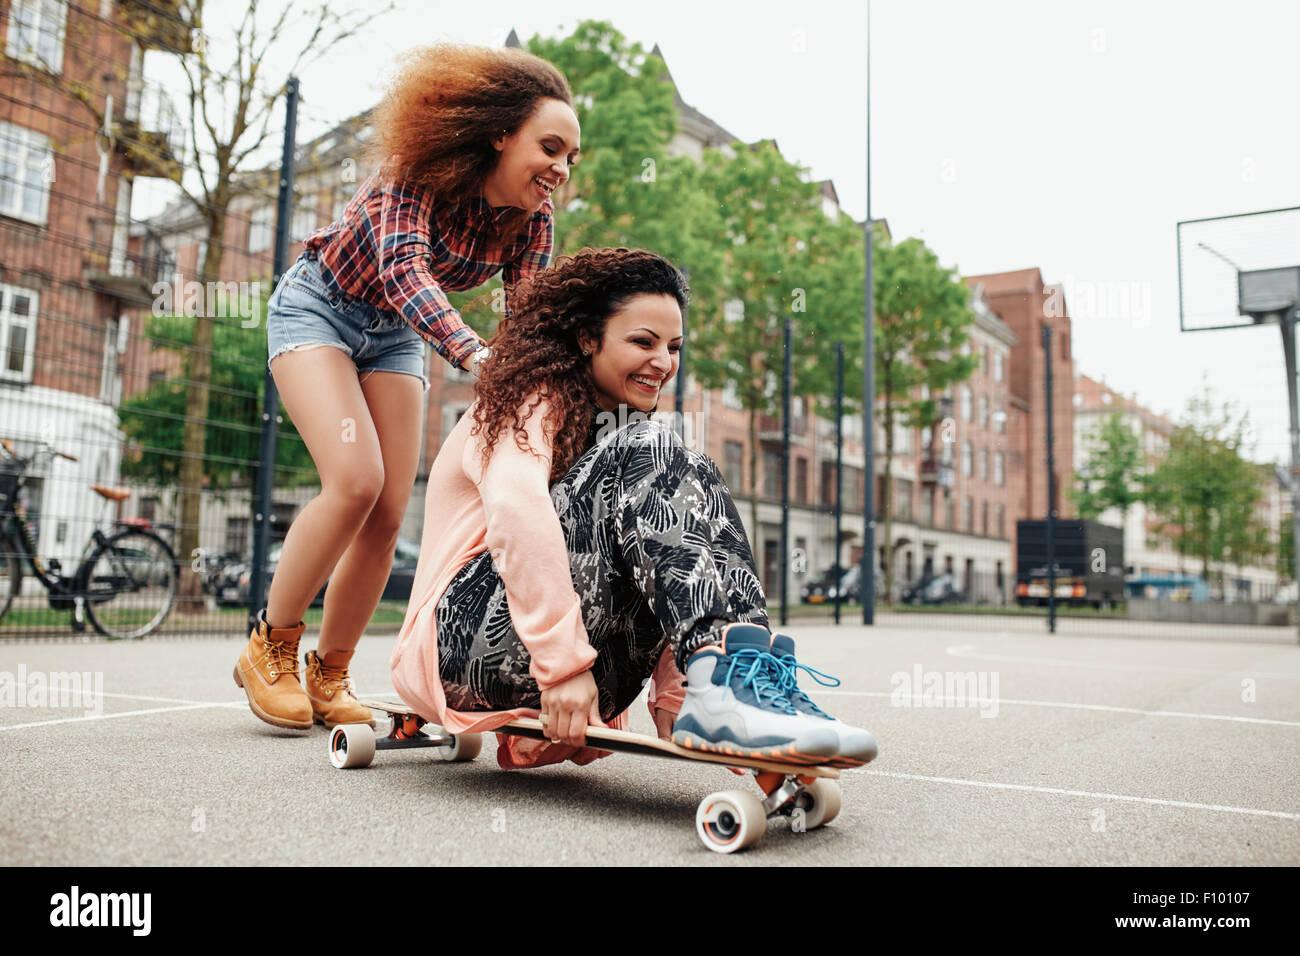 Fröhliches junges Mädchen sitzt auf Longboard von ihrer Freundin geschoben. Junge Frauen genießen, Stockbild